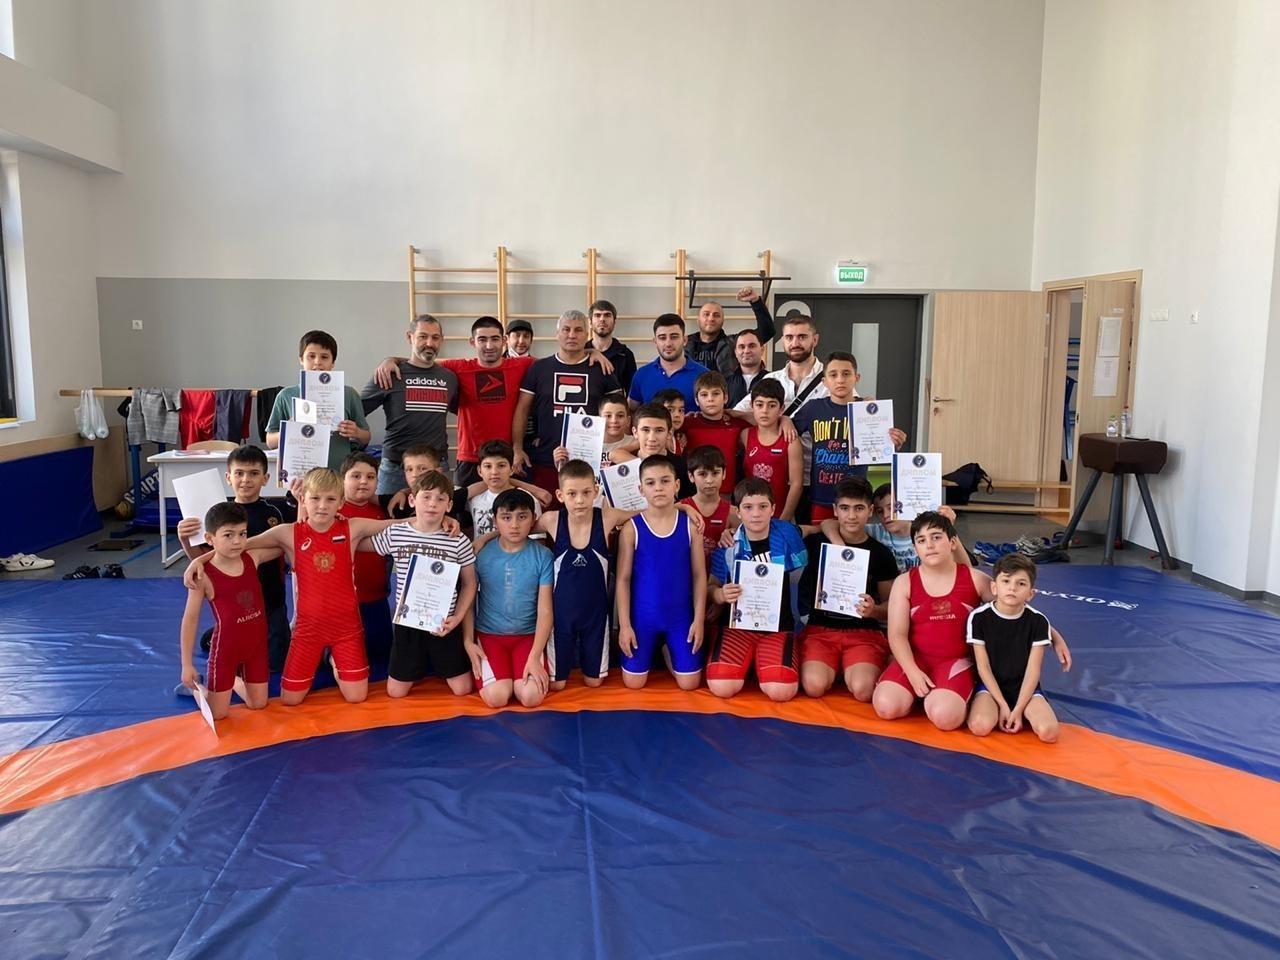 Представители Сосенского центра спорта взяли призовые места на соревнованиях по вольной борьбе